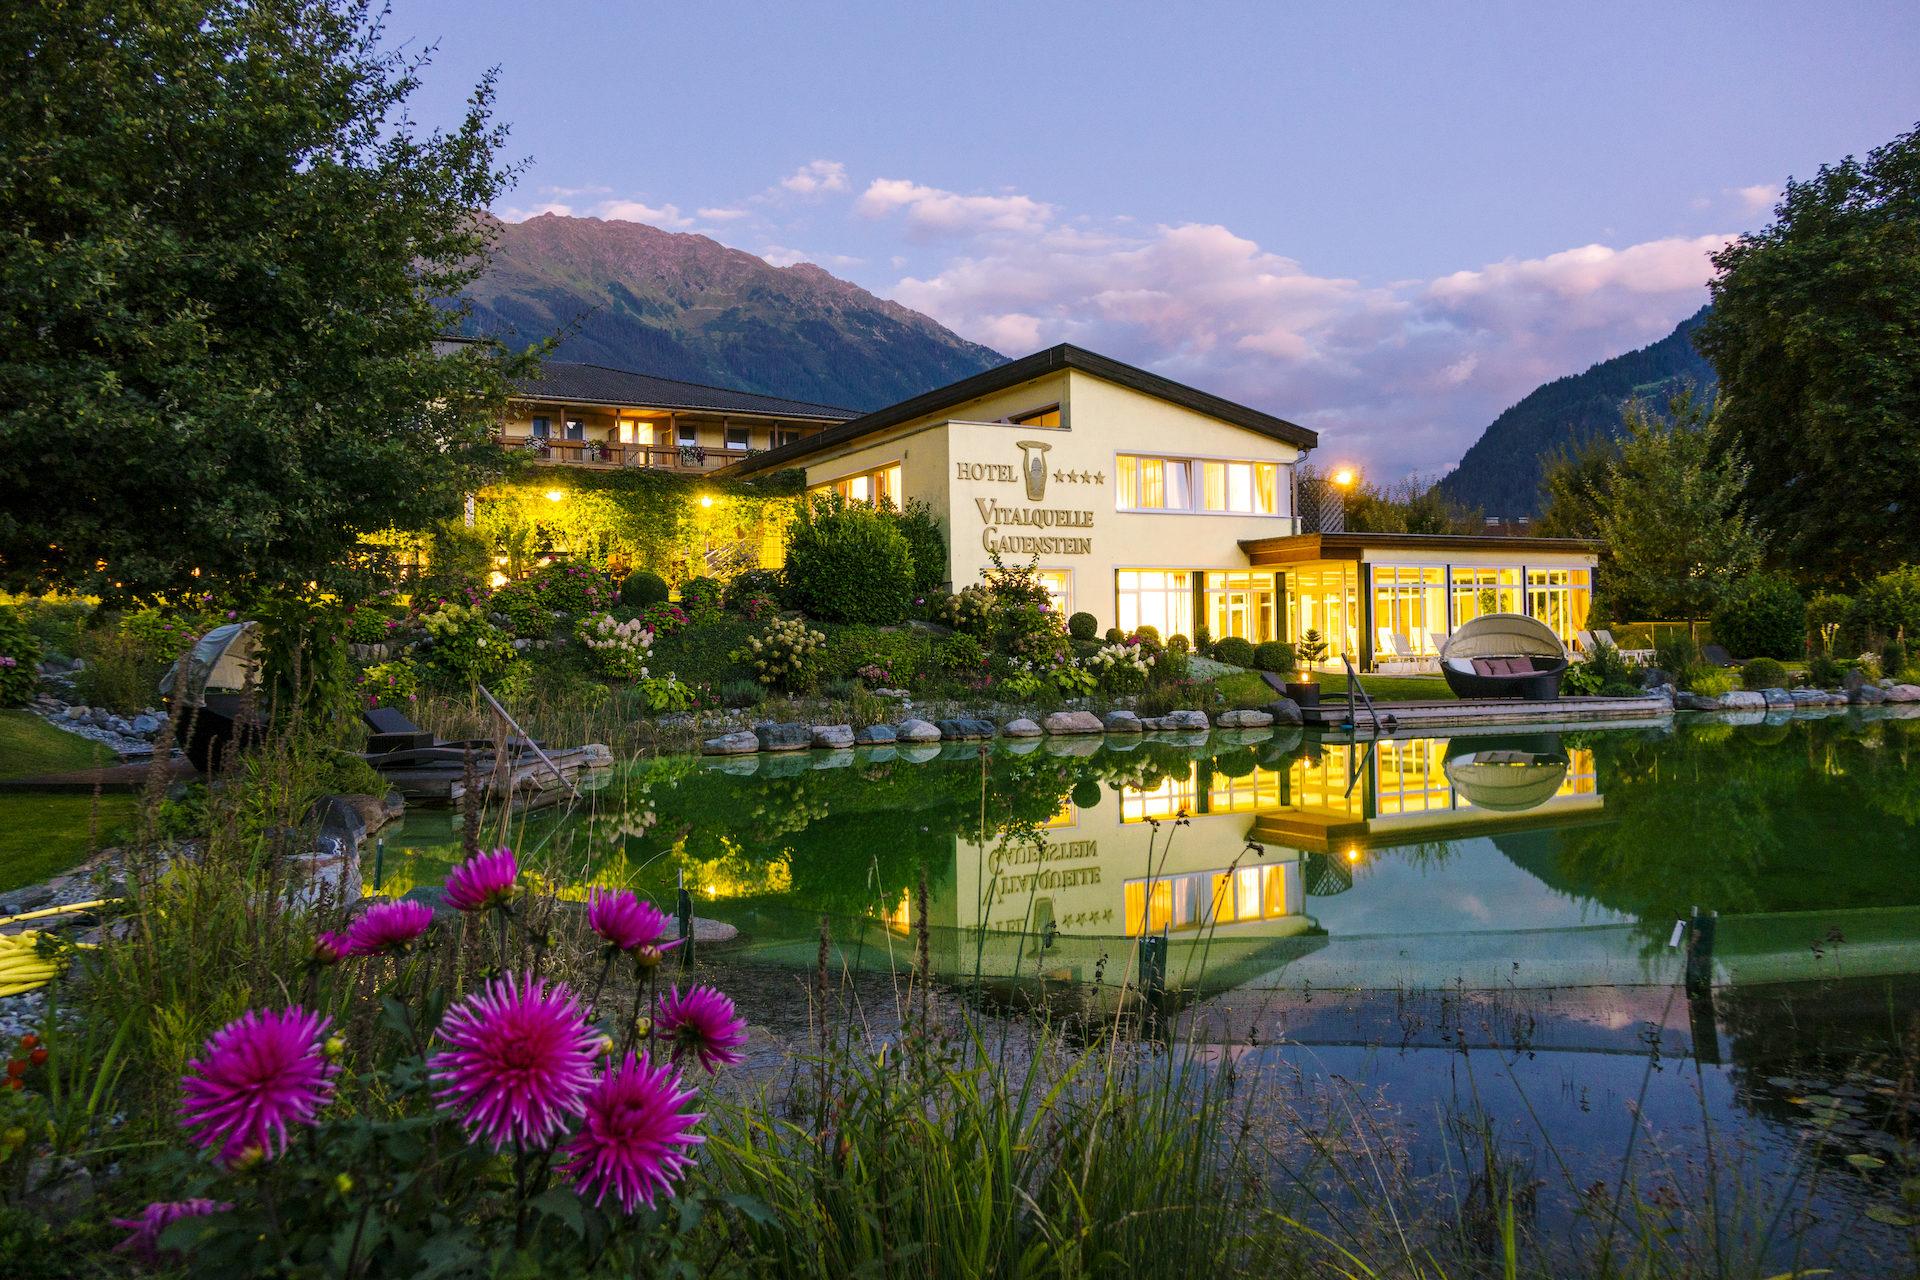 vitalquelle schruns wellnesshotel montafon 4 5 sterne hotels vorarlberg wellnessurlaub skiurlaub. Black Bedroom Furniture Sets. Home Design Ideas